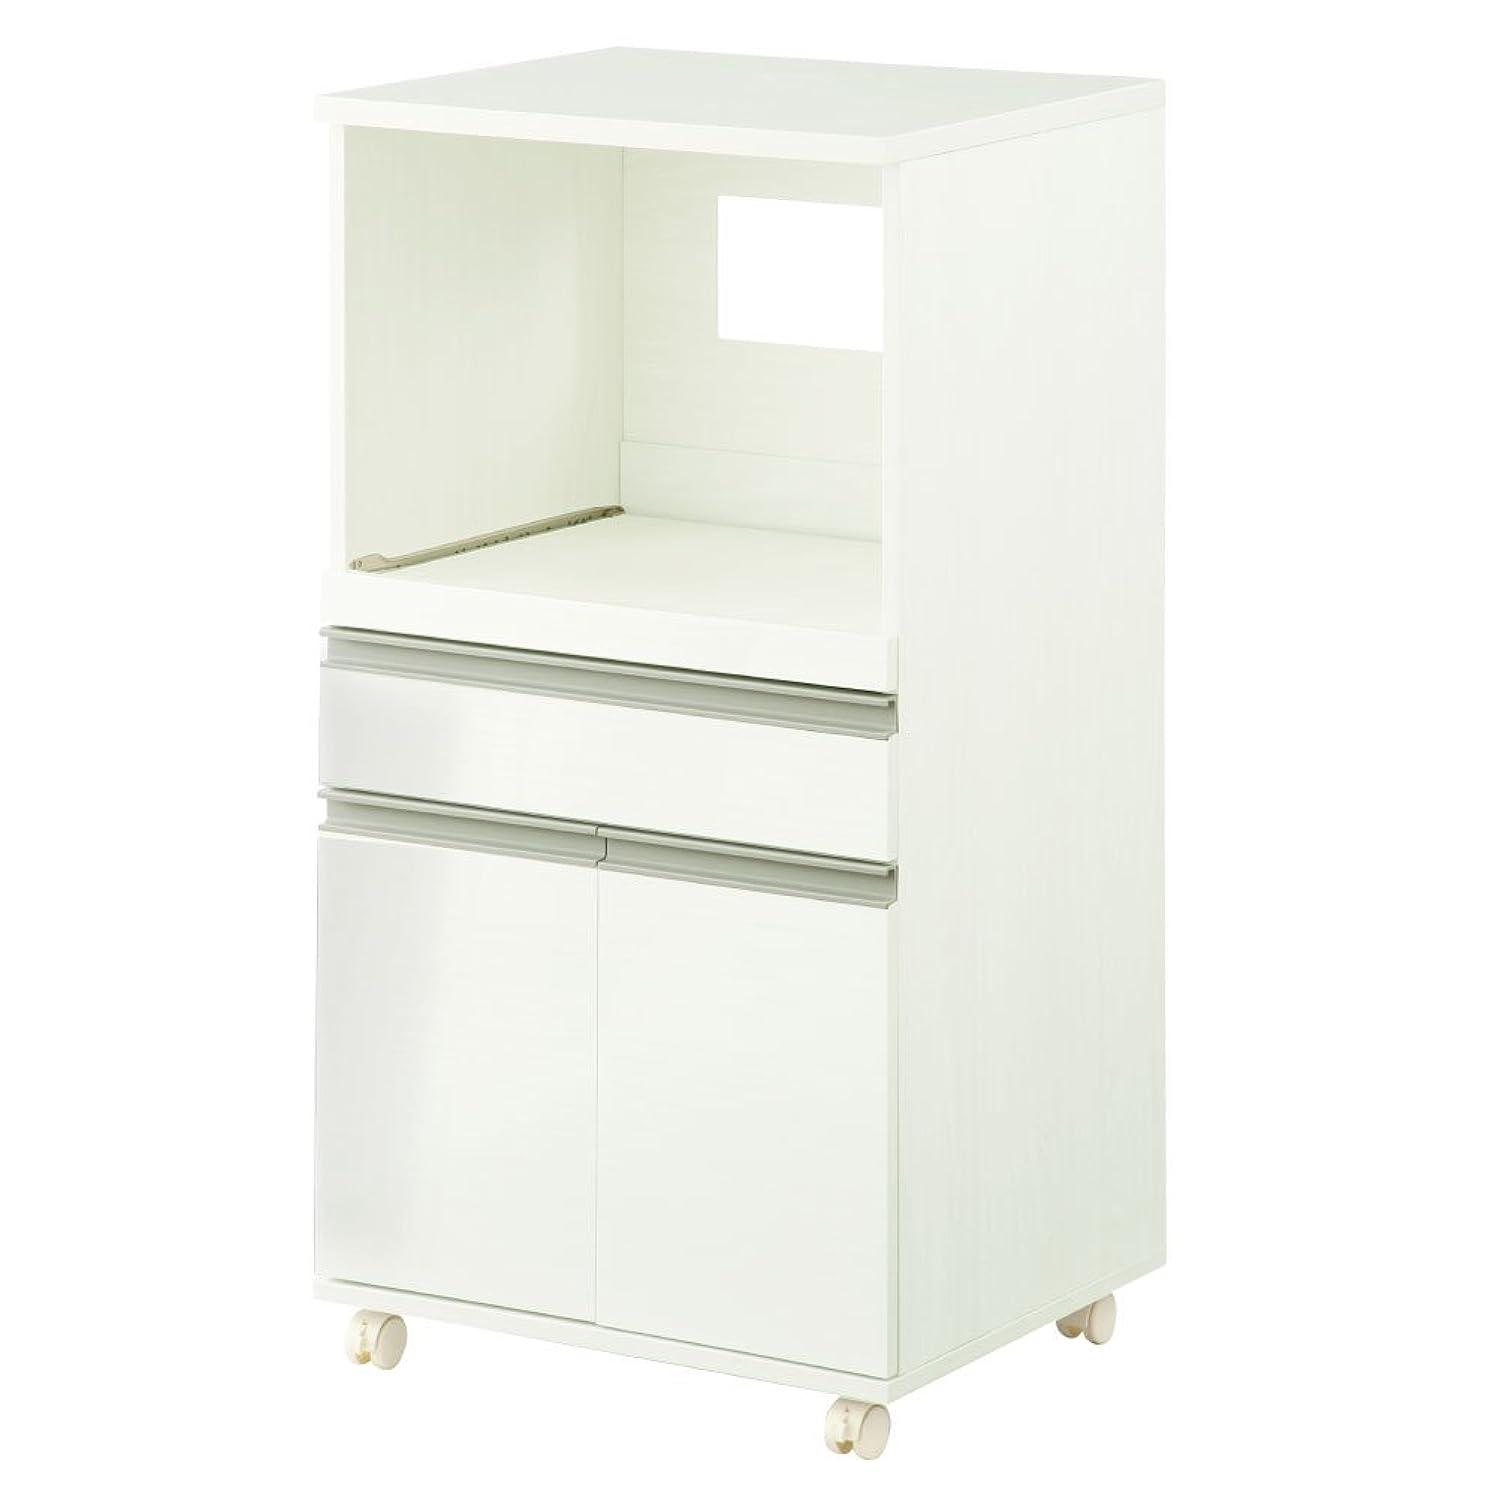 感じる延ばす学生ぼん家具 【完成品】 レンジ台 食器棚 木製 コンセント付き 収納 幅54cmホワイト